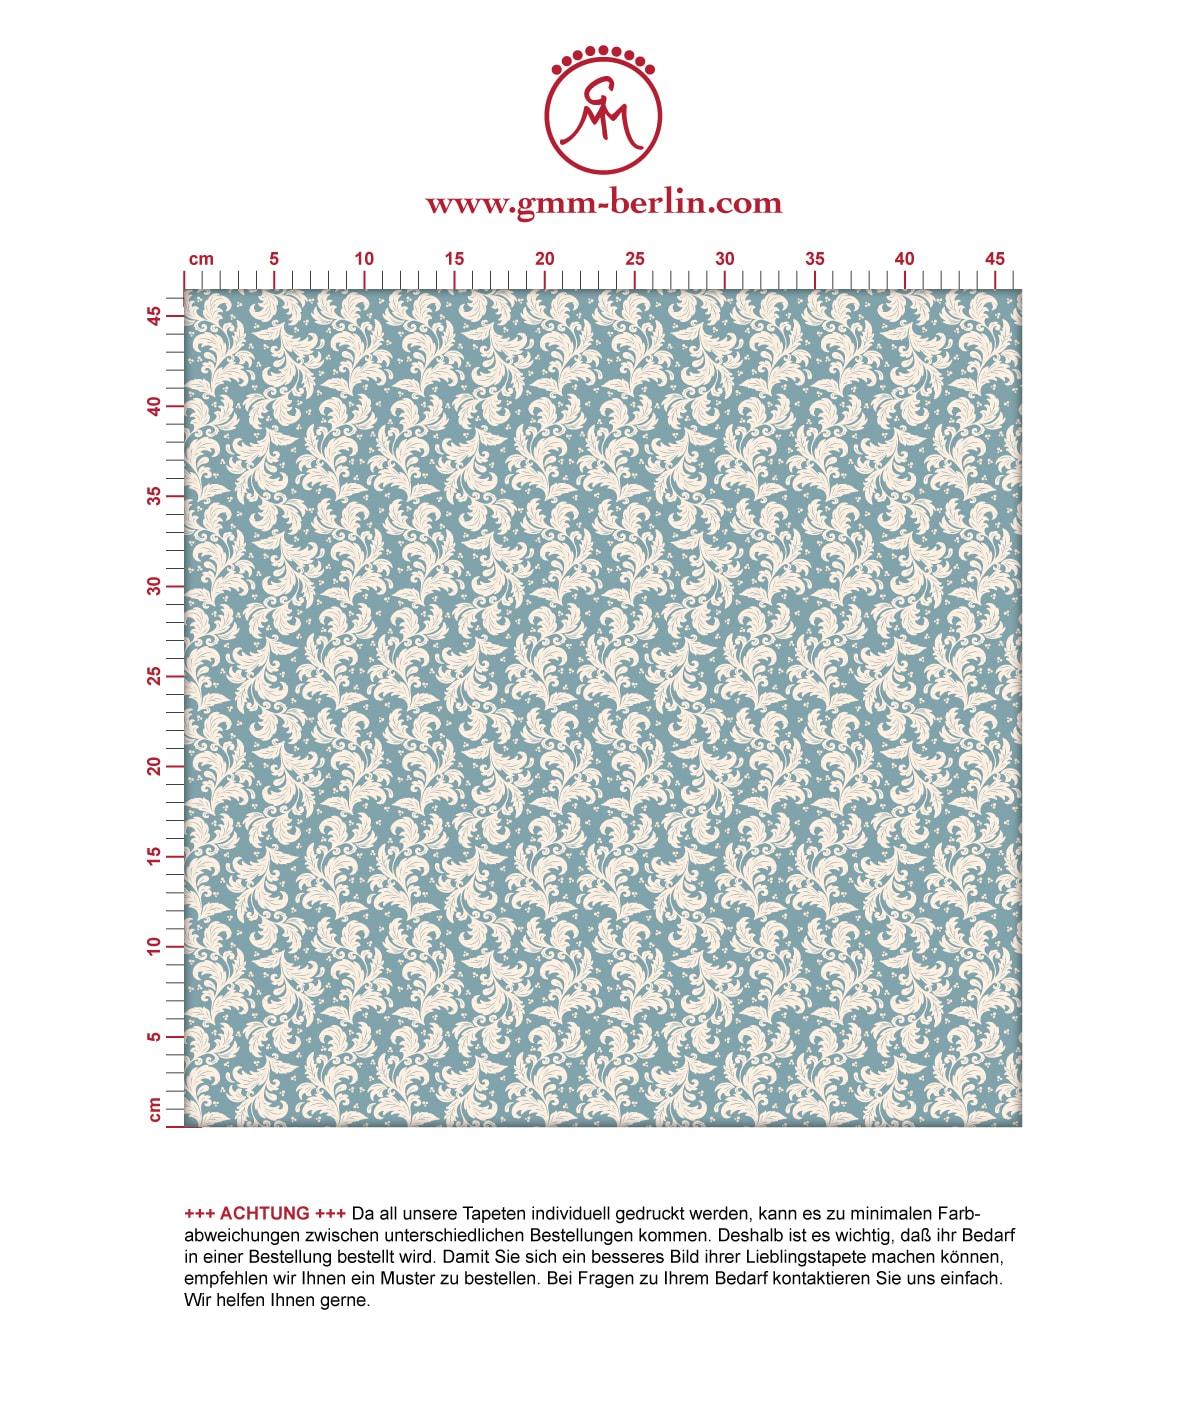 Ornamenttapete Nostalgie Ranken mit Blatt Muster in hellblau - Vlies Tapete Ornamente für Wohnzimmer. Aus dem GMM-BERLIN.com Sortiment: Schöne Tapeten in creme Farbe